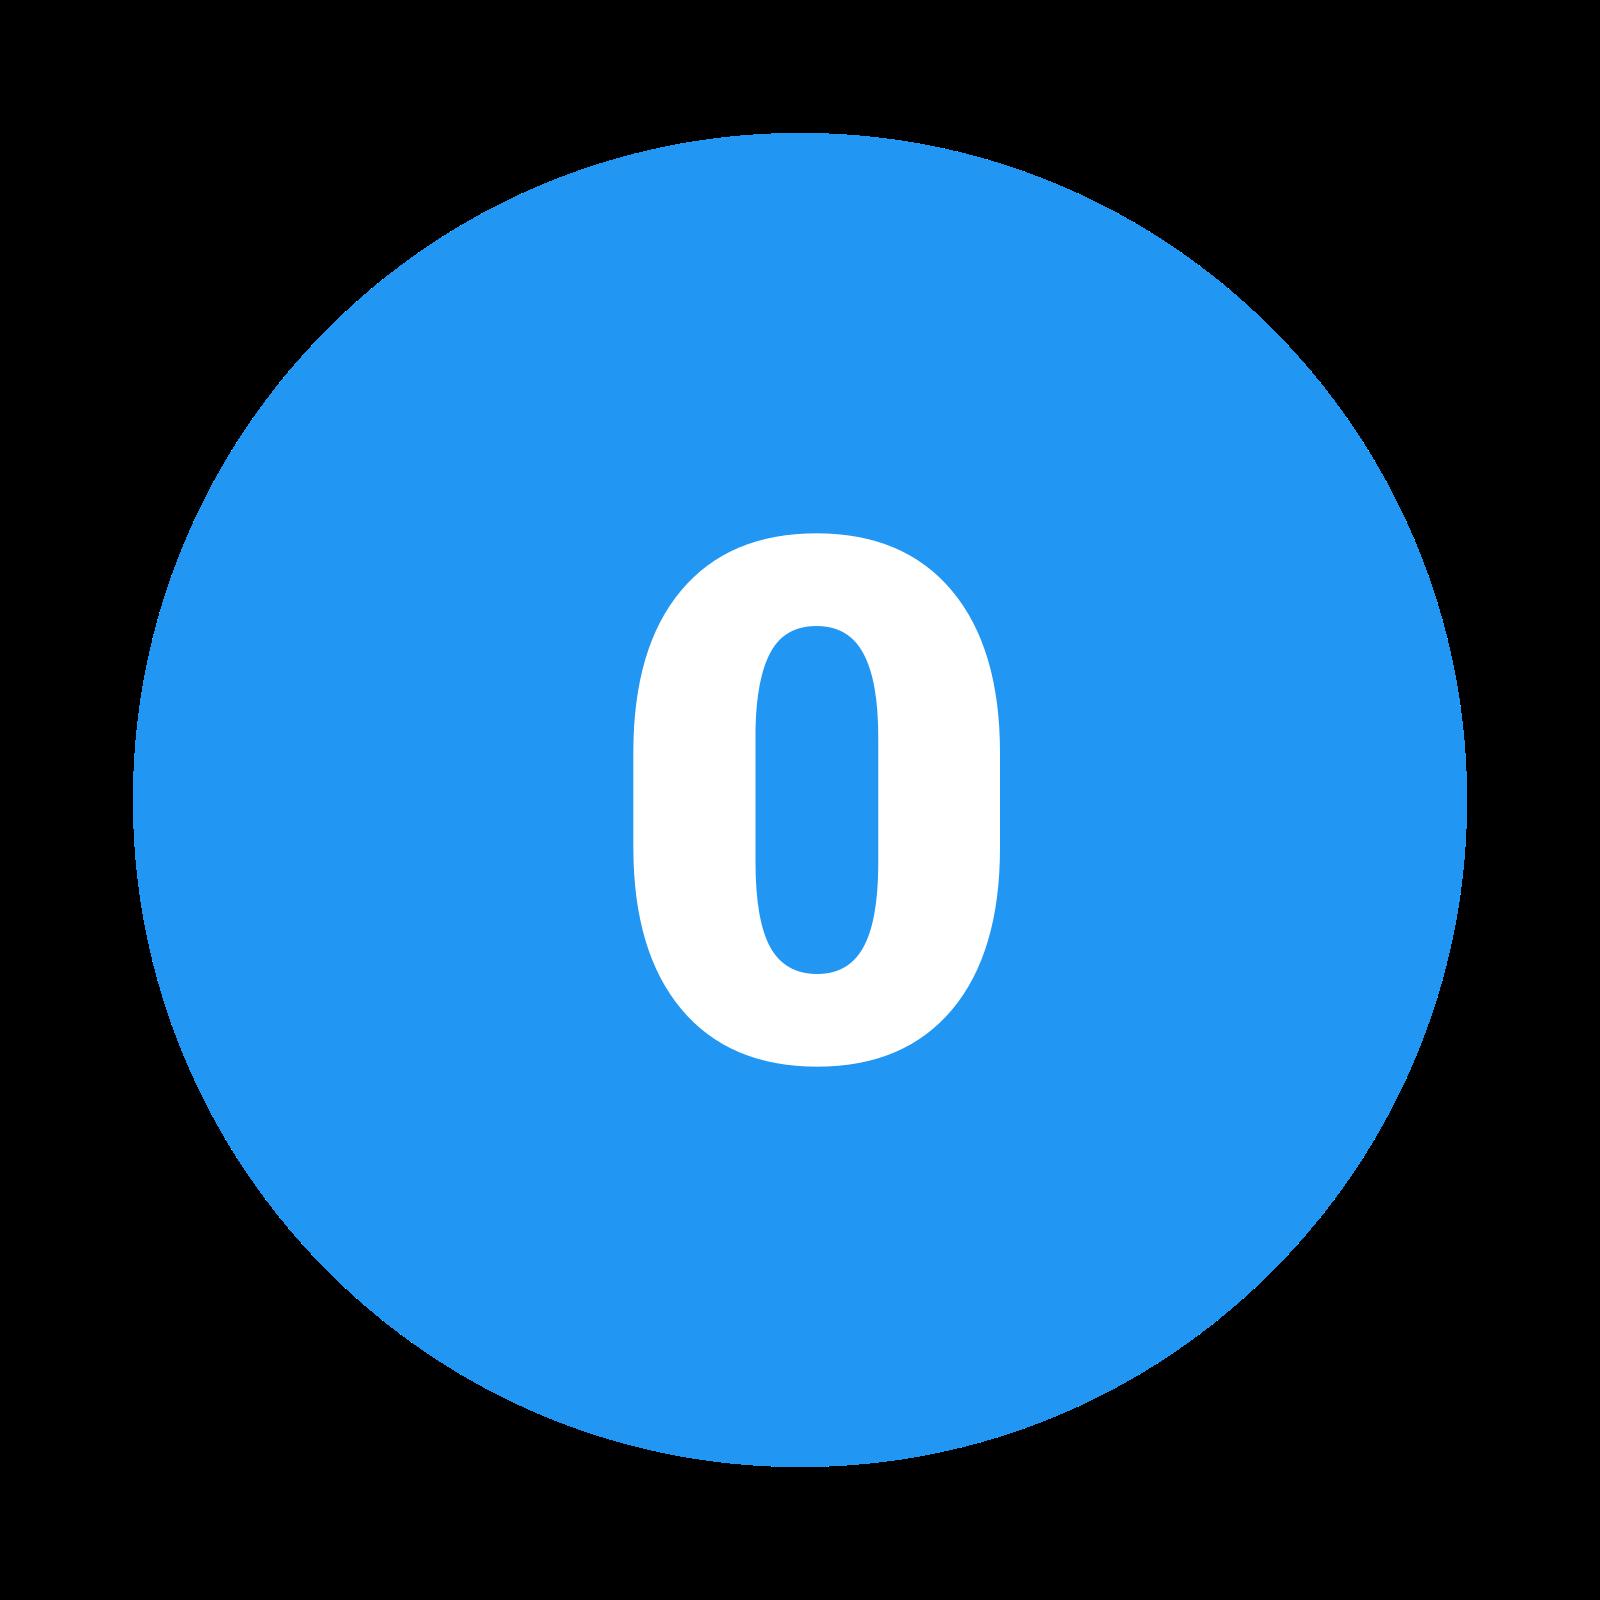 Circled 0 C icon